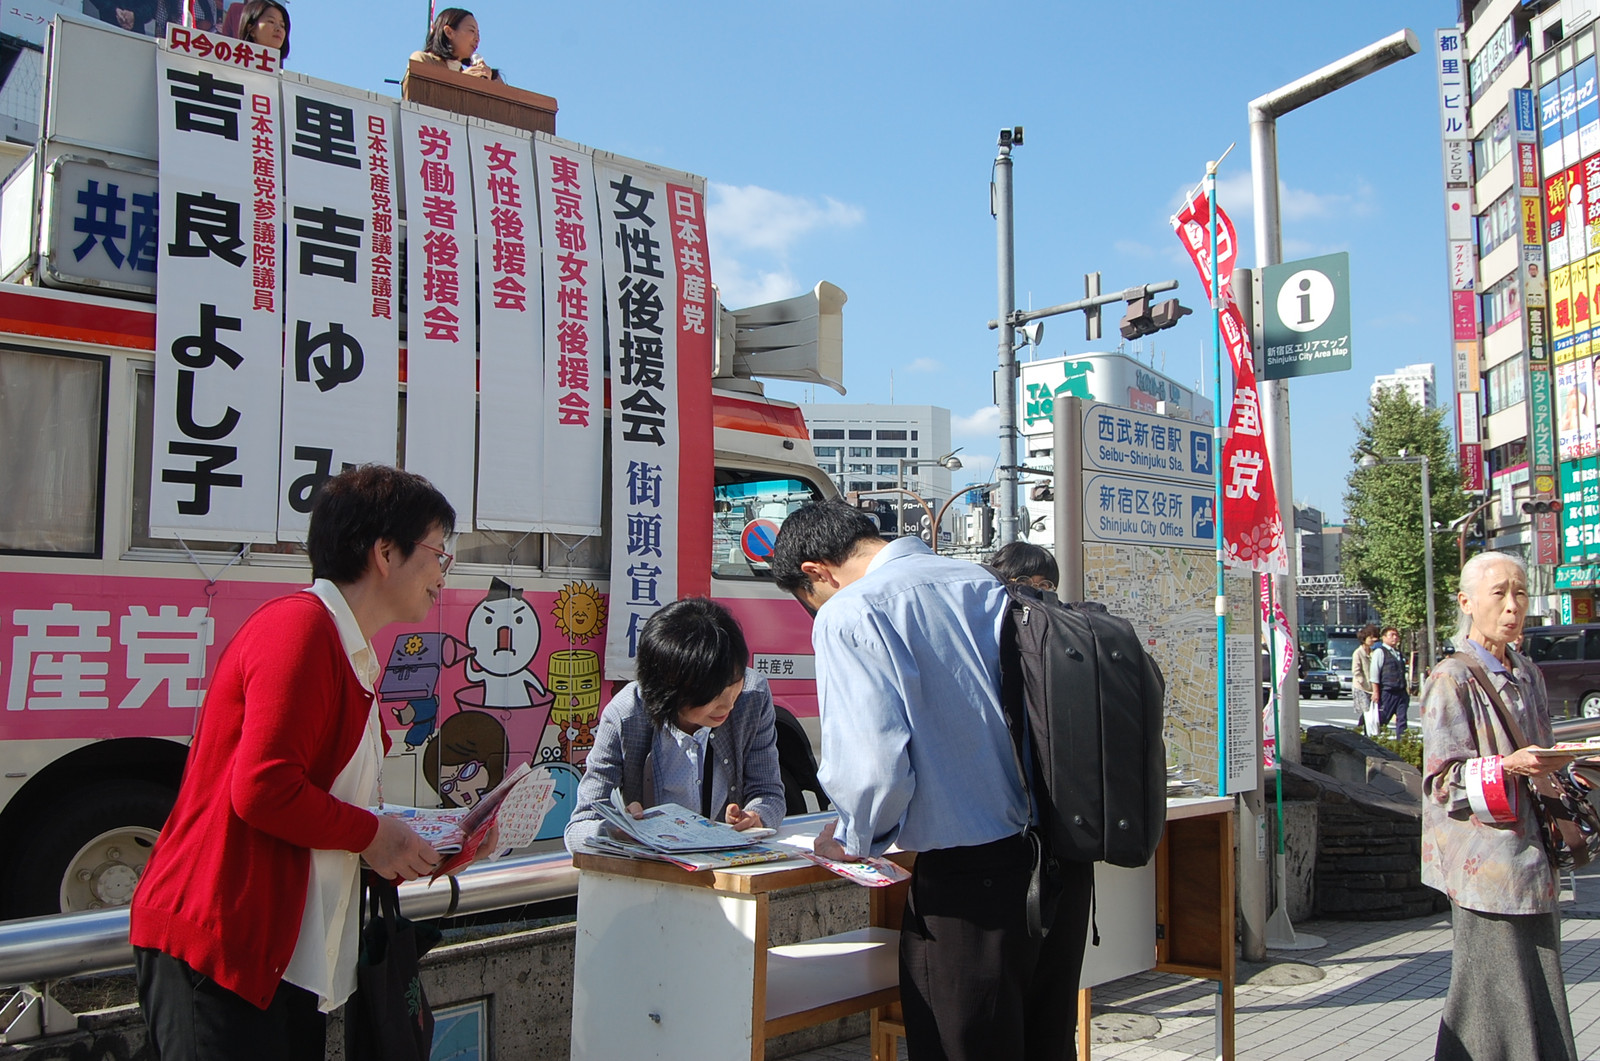 日本共産党の全国・全都女性後援会の呼びかけにこたえ、署名する男性=24日、東京・新宿駅前